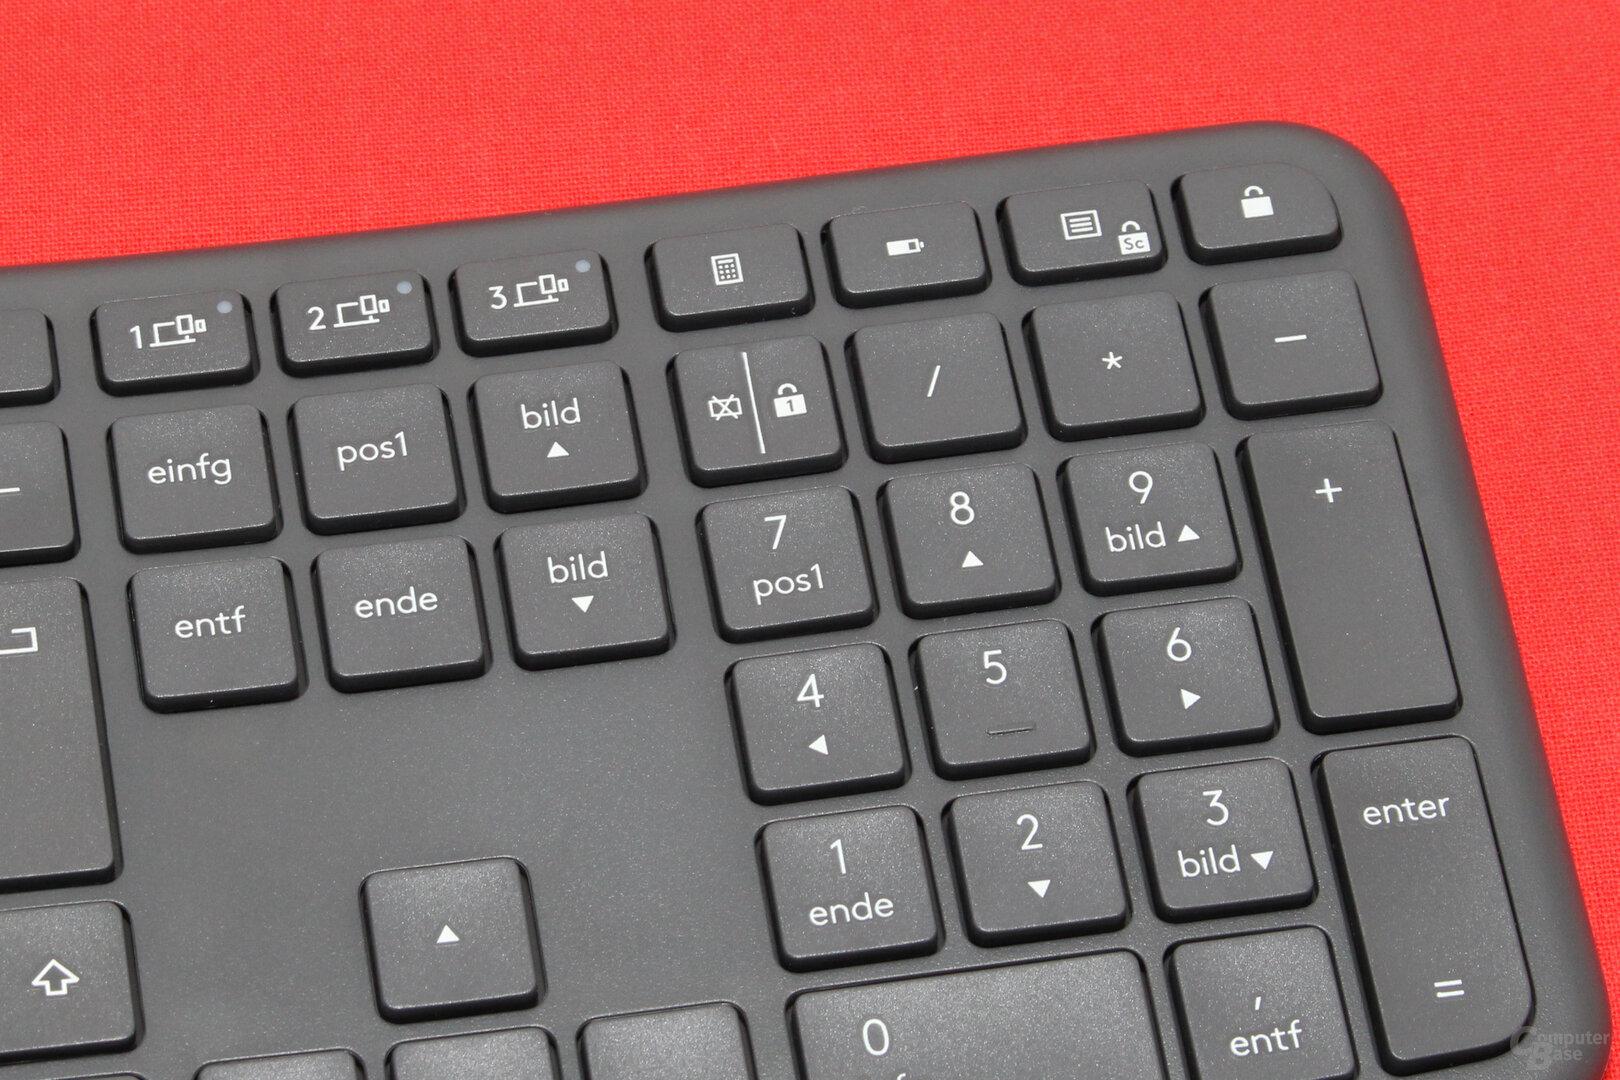 Tasten zur Verbindungswahl, für Taschenrechner, Batteriestatus, Rollen und zum Abmelden